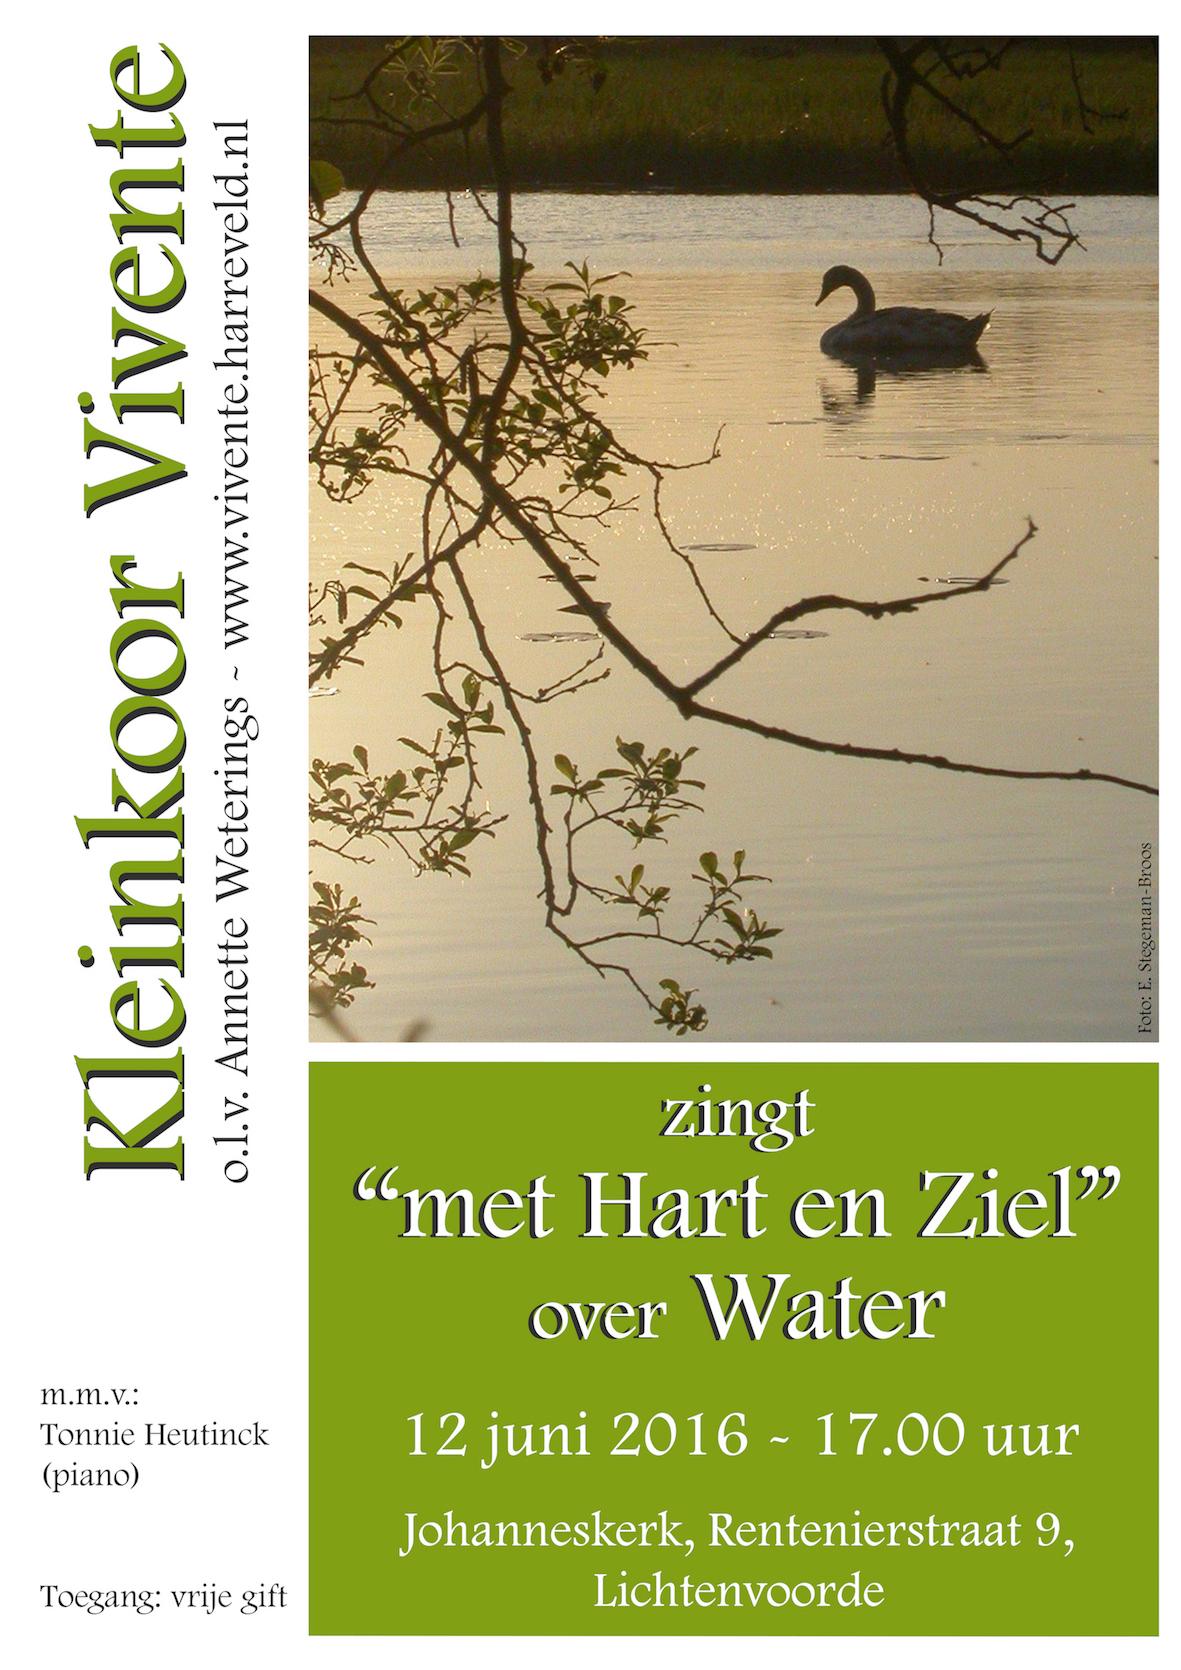 Poster Vivente hart en ziel 12-06-16 (A4) DEF LR